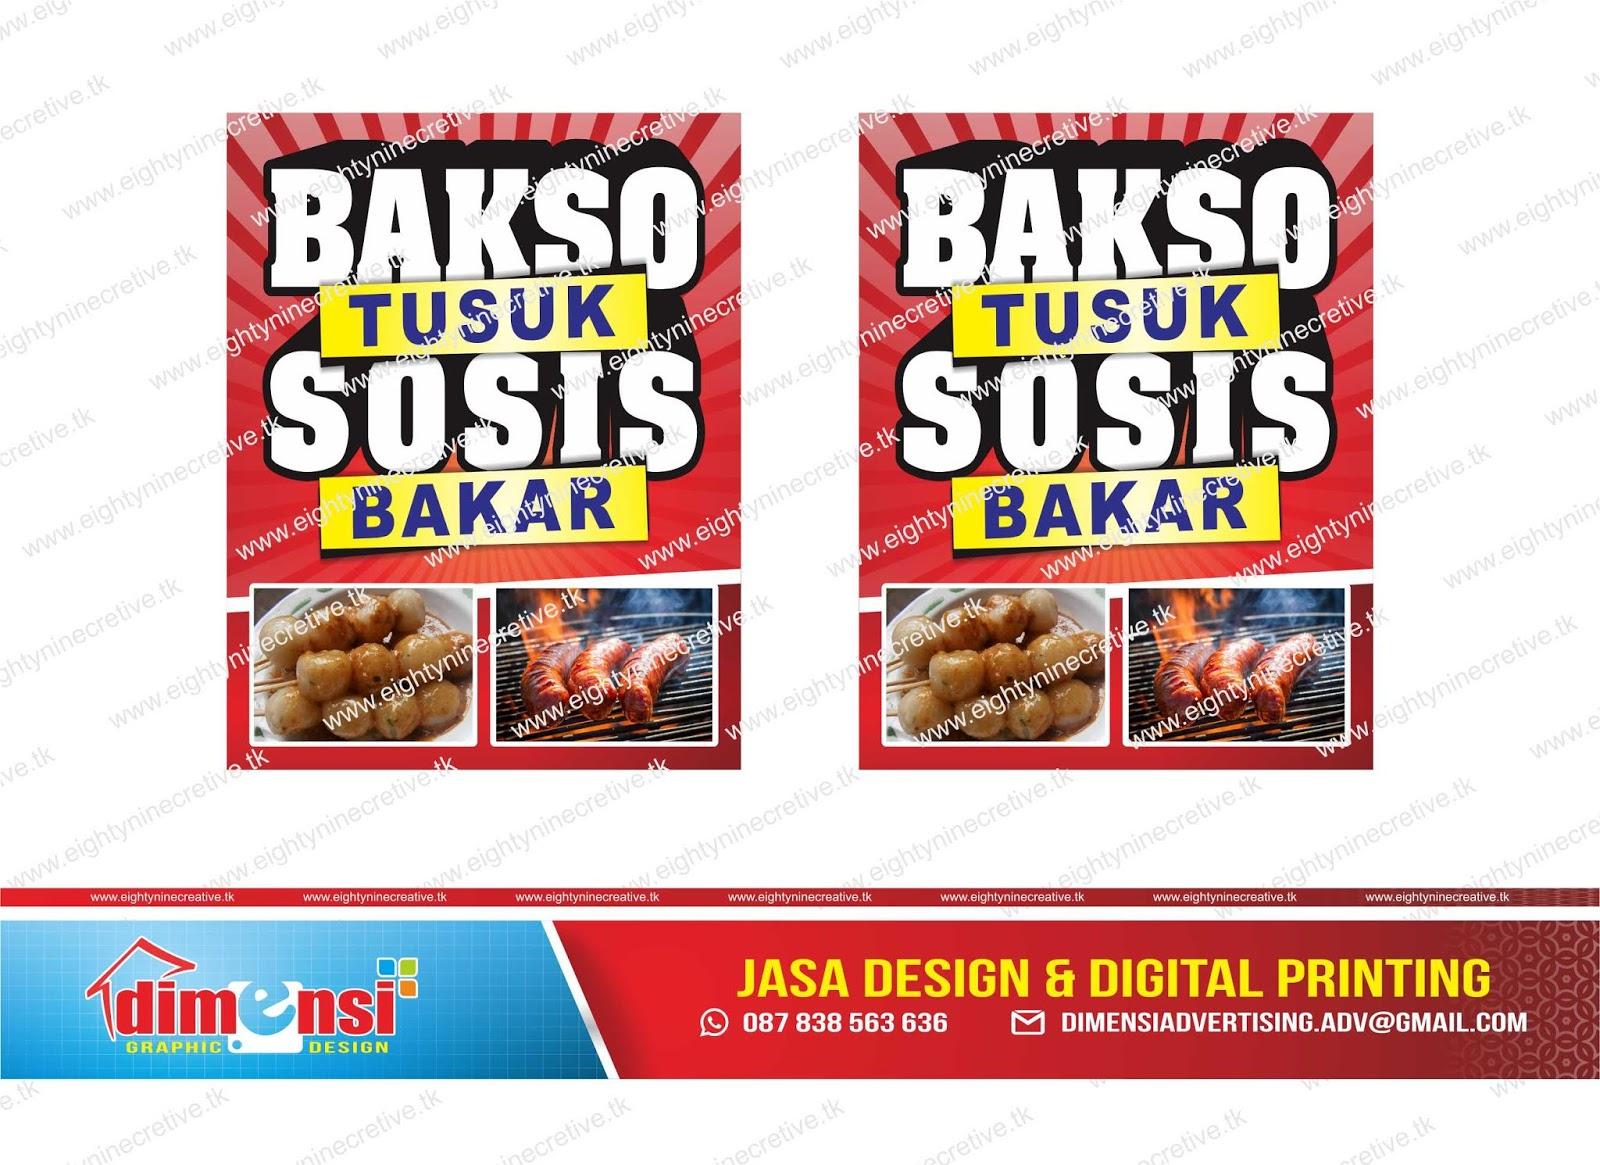 Download Spanduk Bakso Tusuk dan Sosis Bakar Vector CDR ...